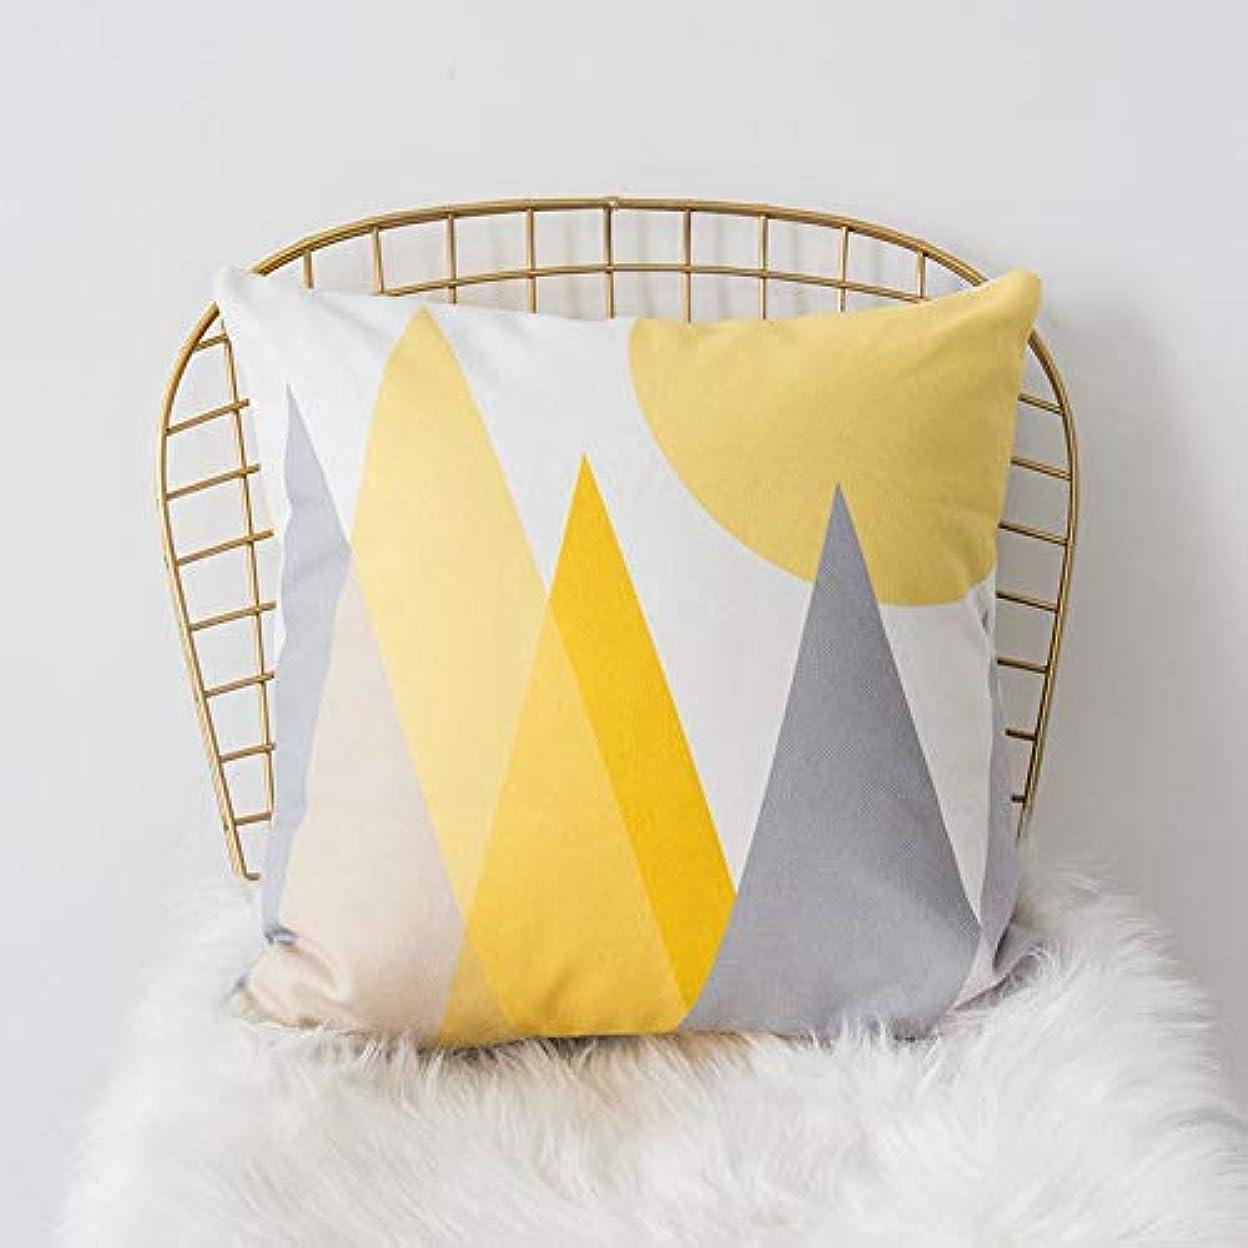 どうやら安西疫病SMART 黄色グレー枕北欧スタイル黄色ヘラジカ幾何枕リビングルームのインテリアソファクッション Cojines 装飾良質 クッション 椅子